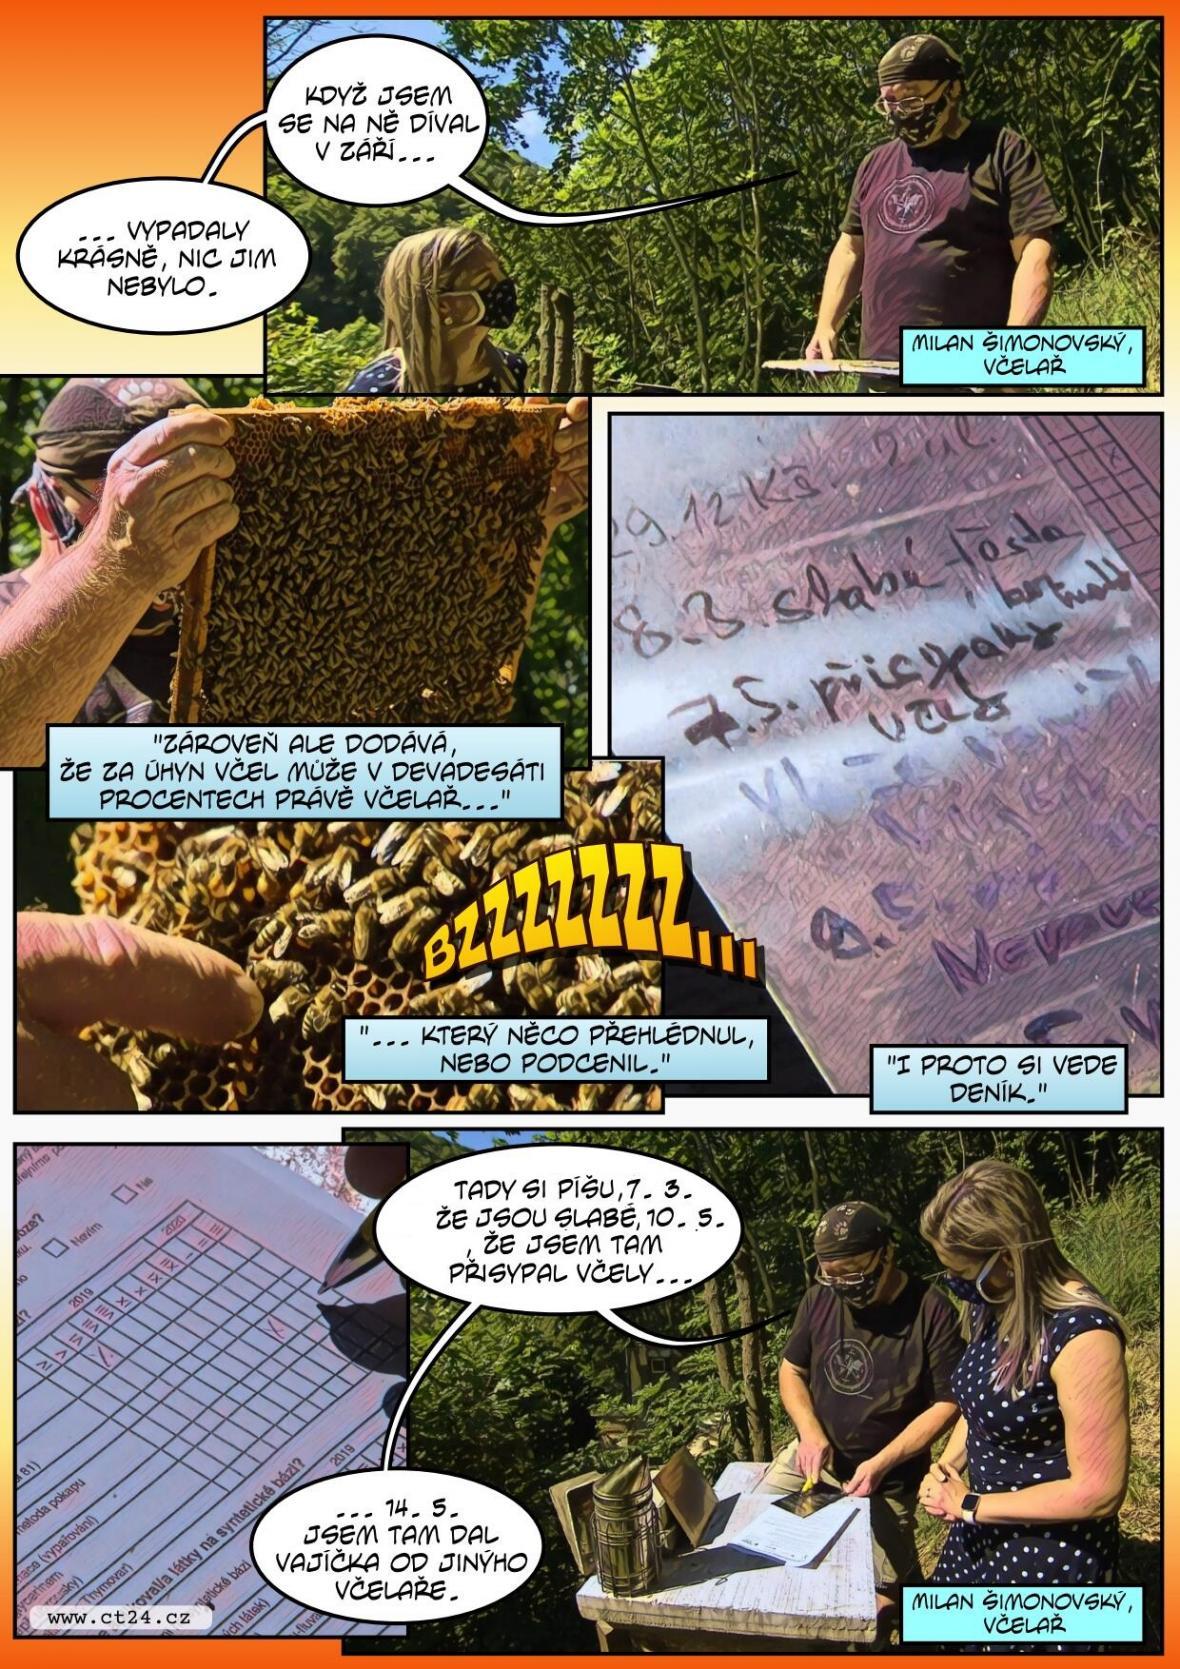 Včelstva v Čechách vymírají